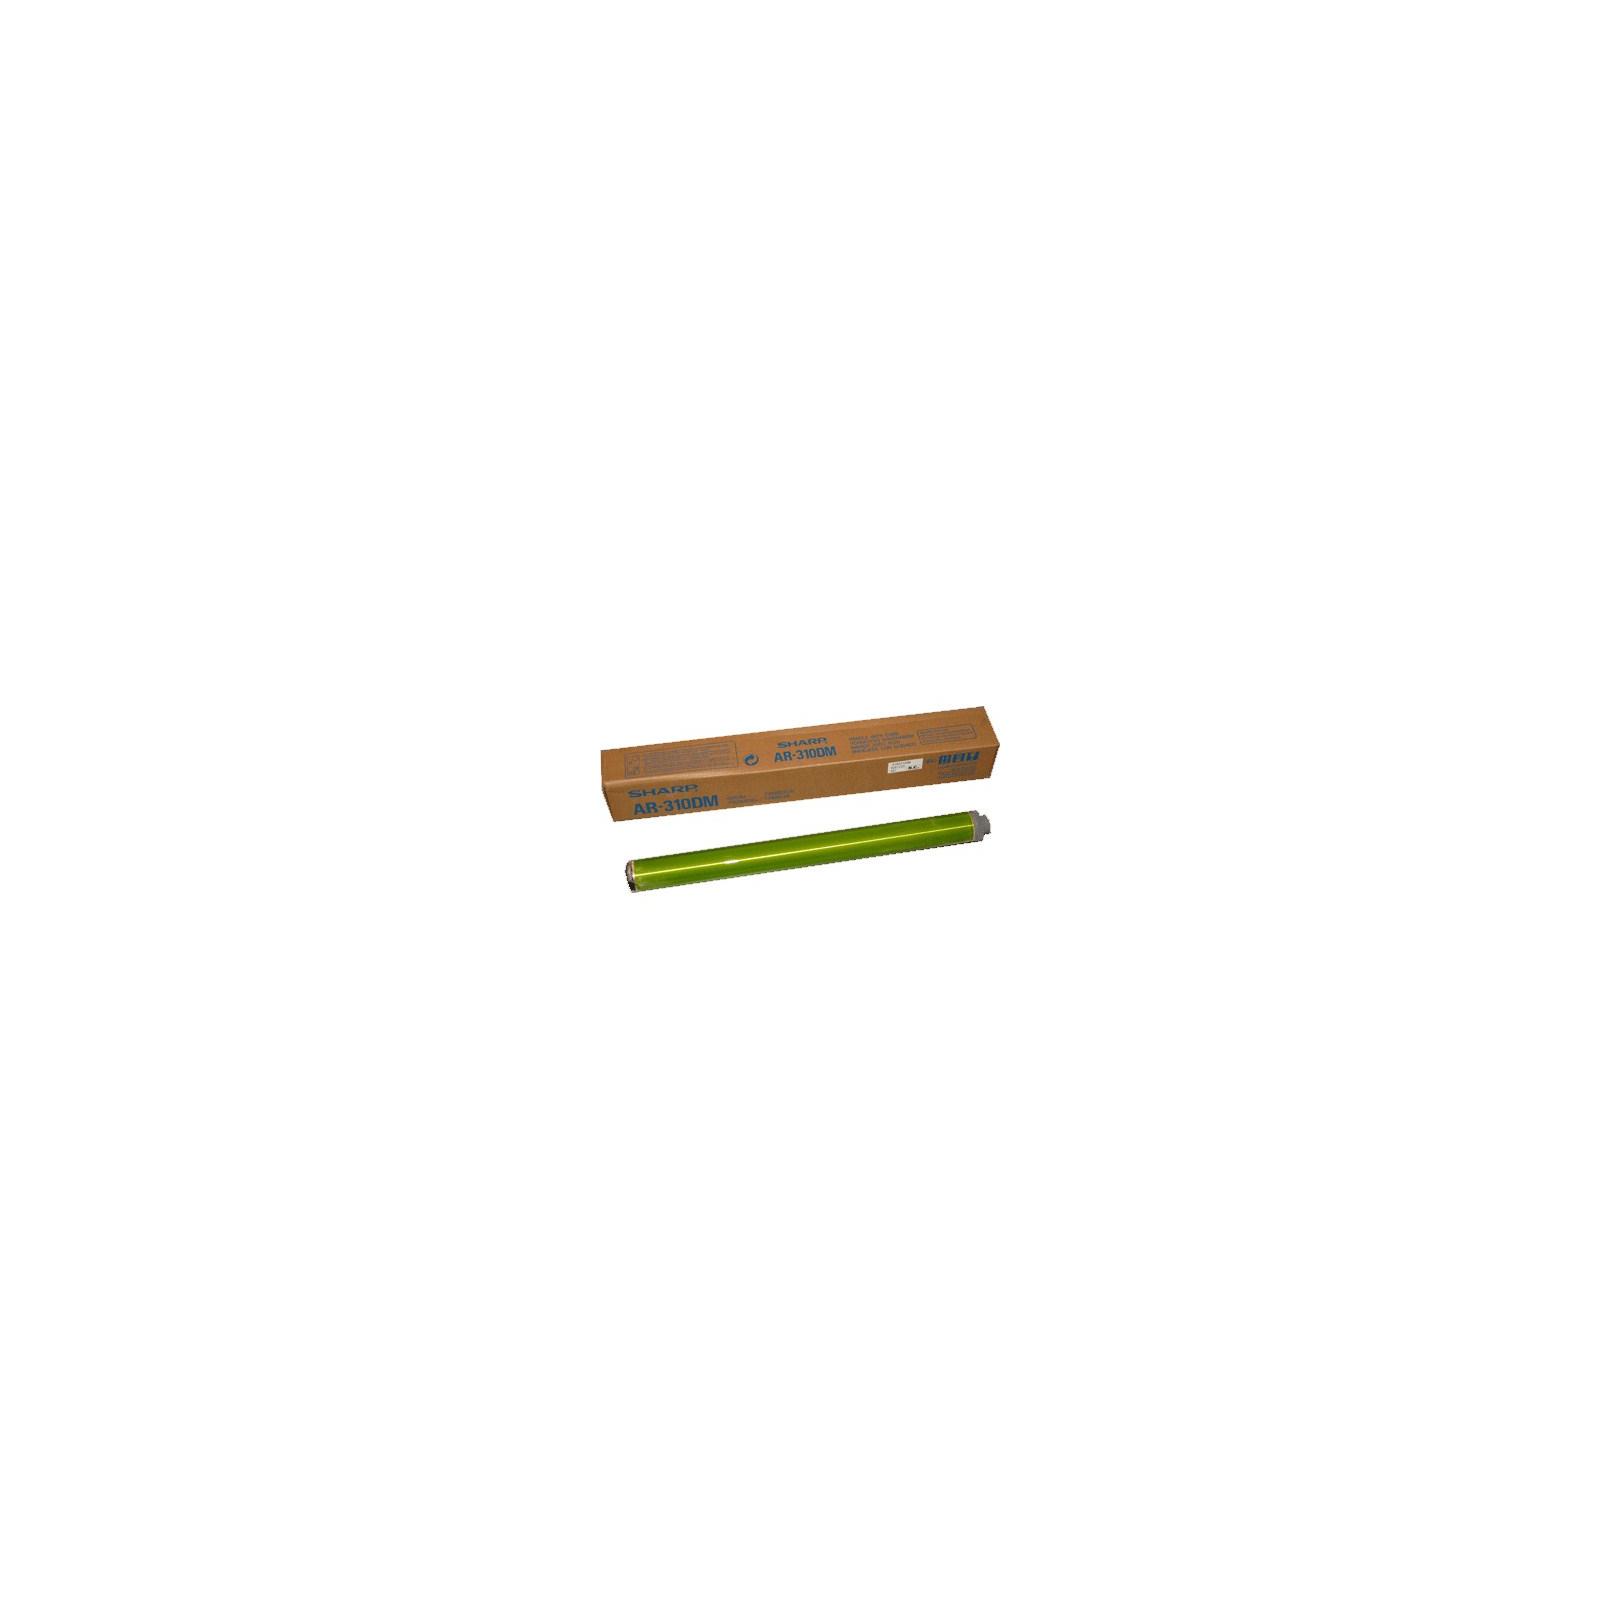 Фотобарабан SHARP AR 310DM для AR-5625/5631 AR-M256 (AR310DM)